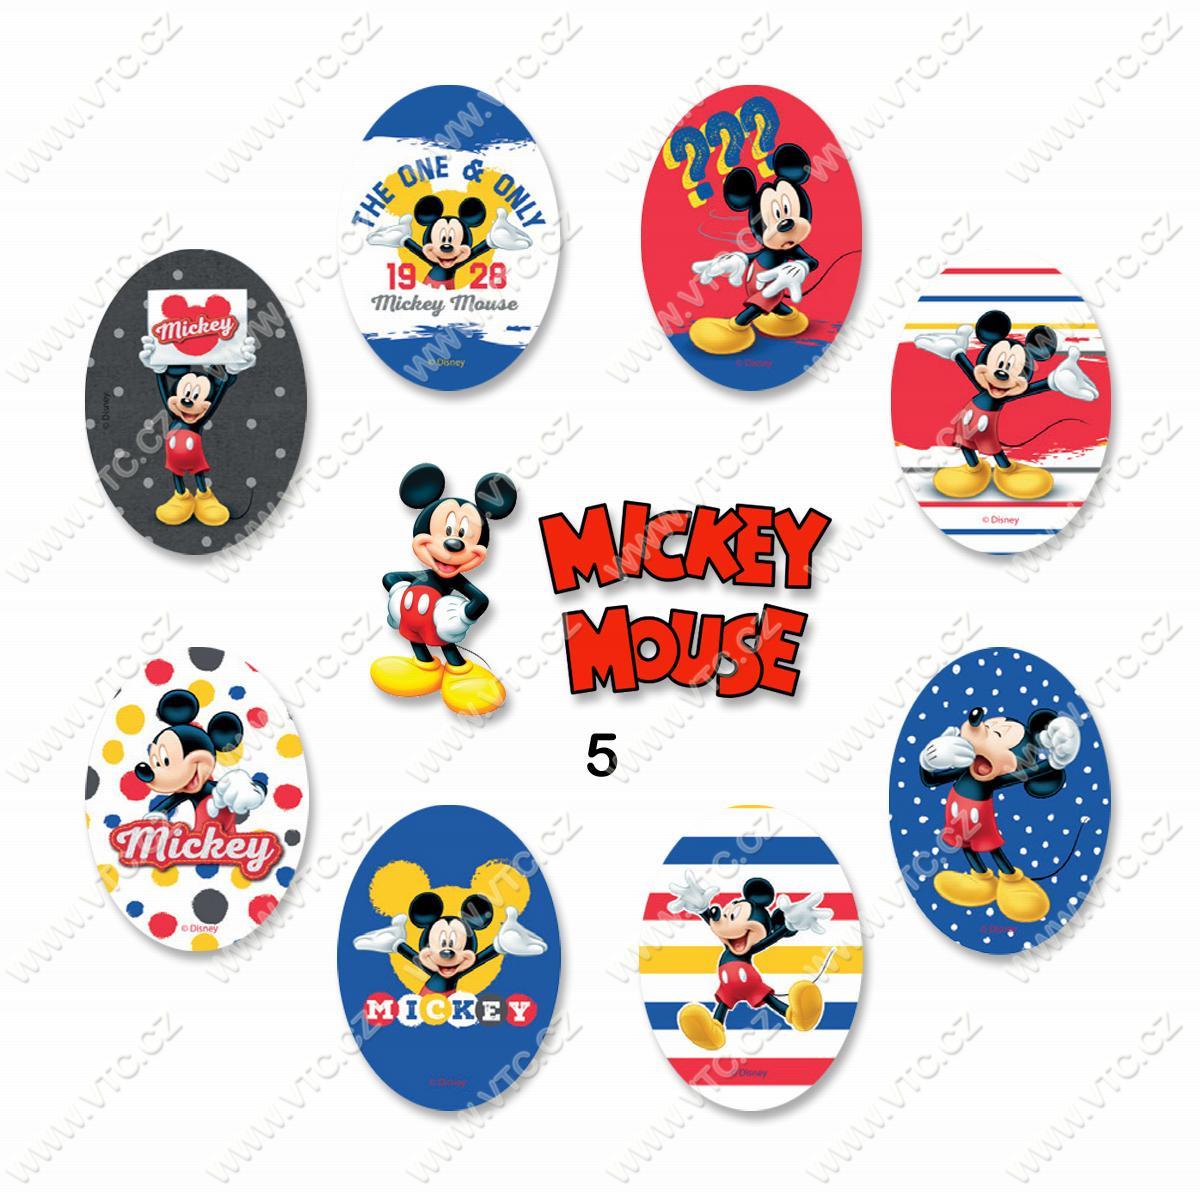 7767abe76a17 Disney a jiné  4  Záplaty nažehl. Disney a jiné  5 ...